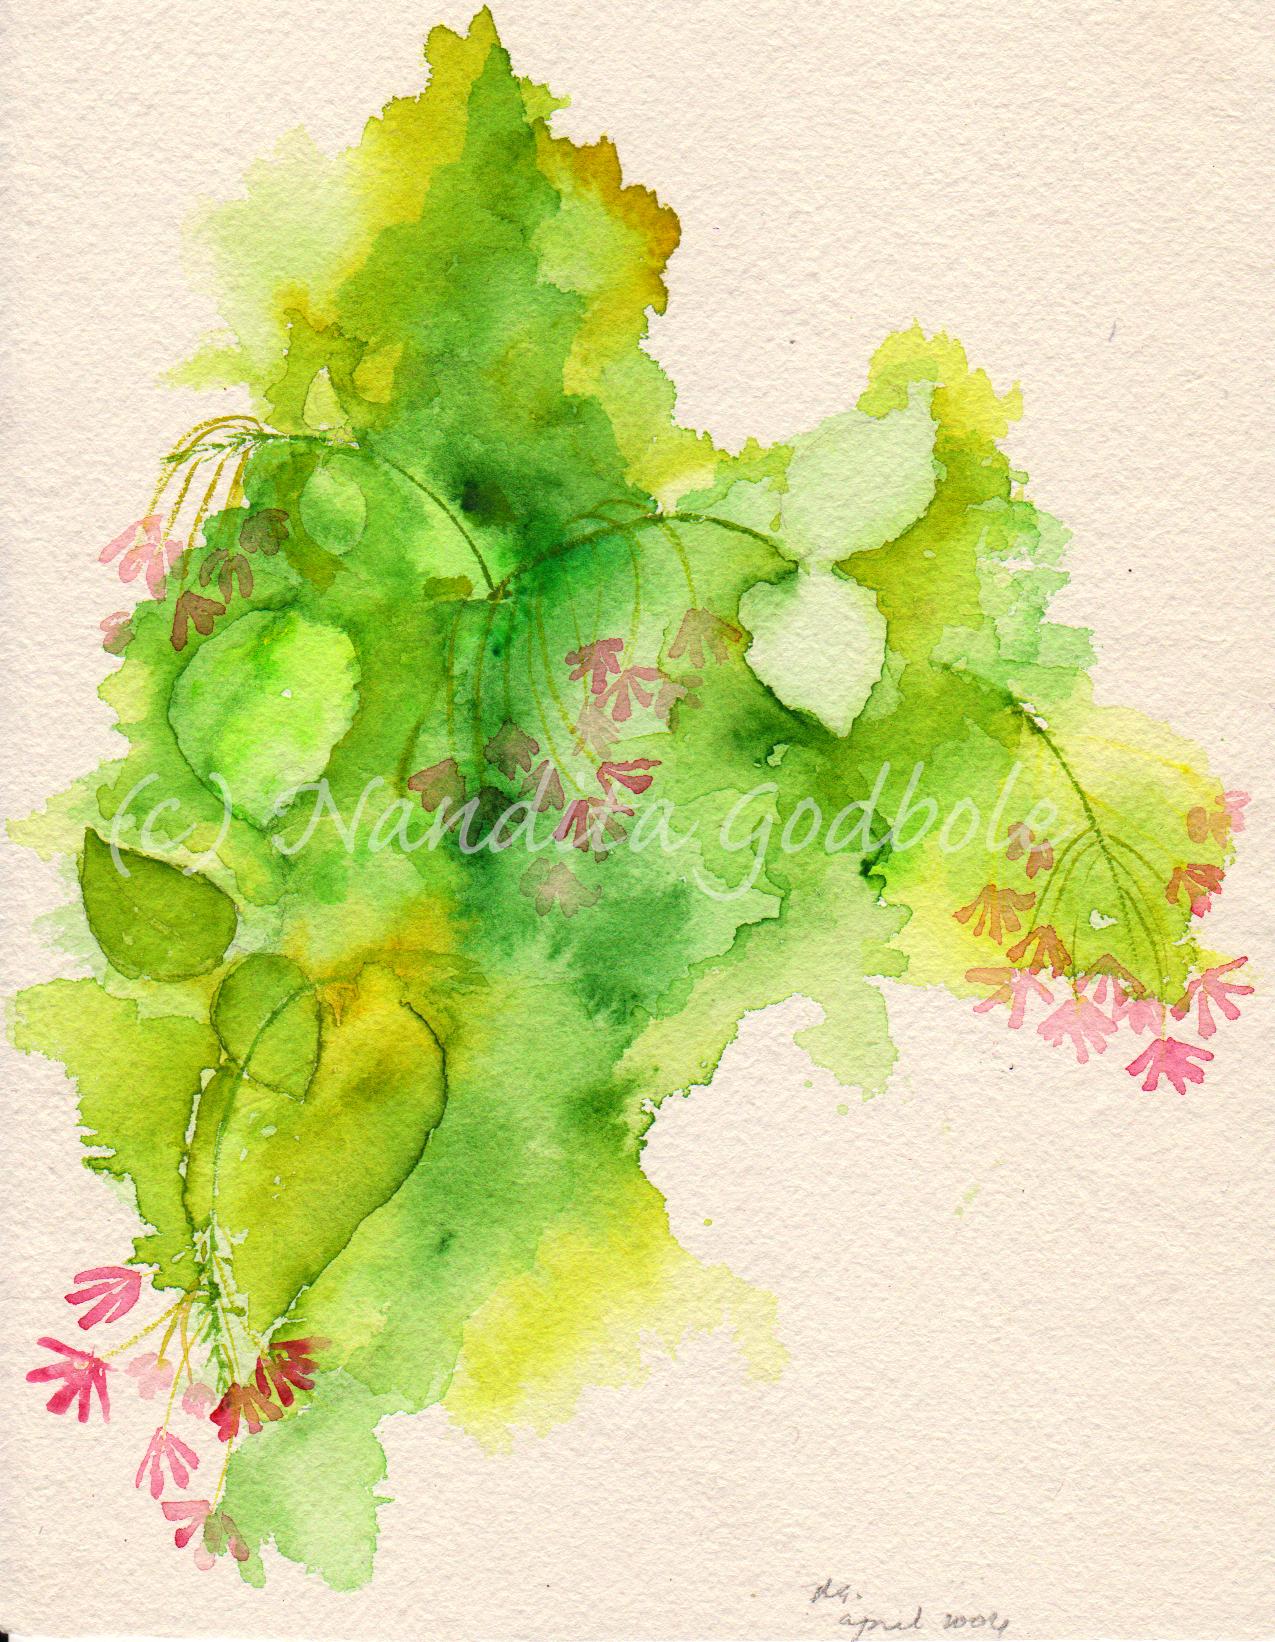 Quisqualis indica, watercolor, 2004